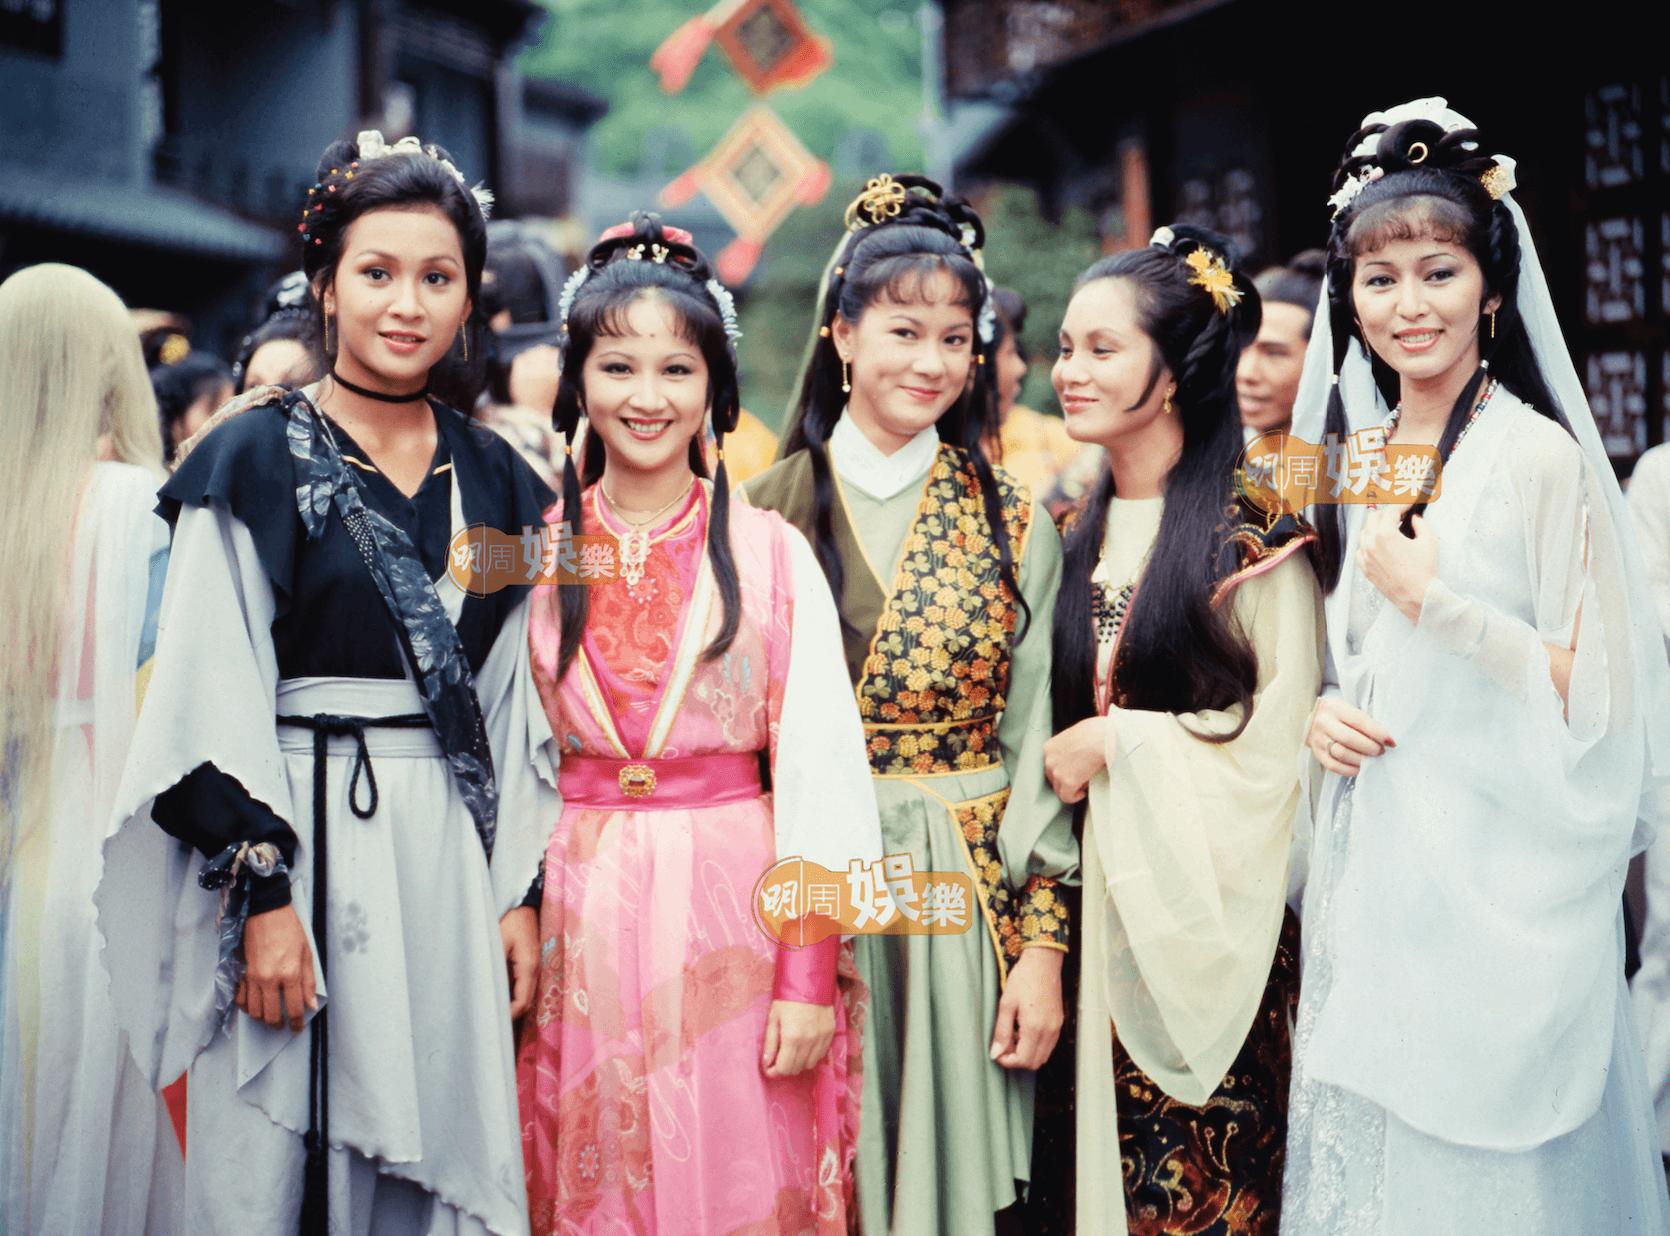 張瑪莉與余安安、薛家燕、苗可秀及李影合演《天龍訣》。